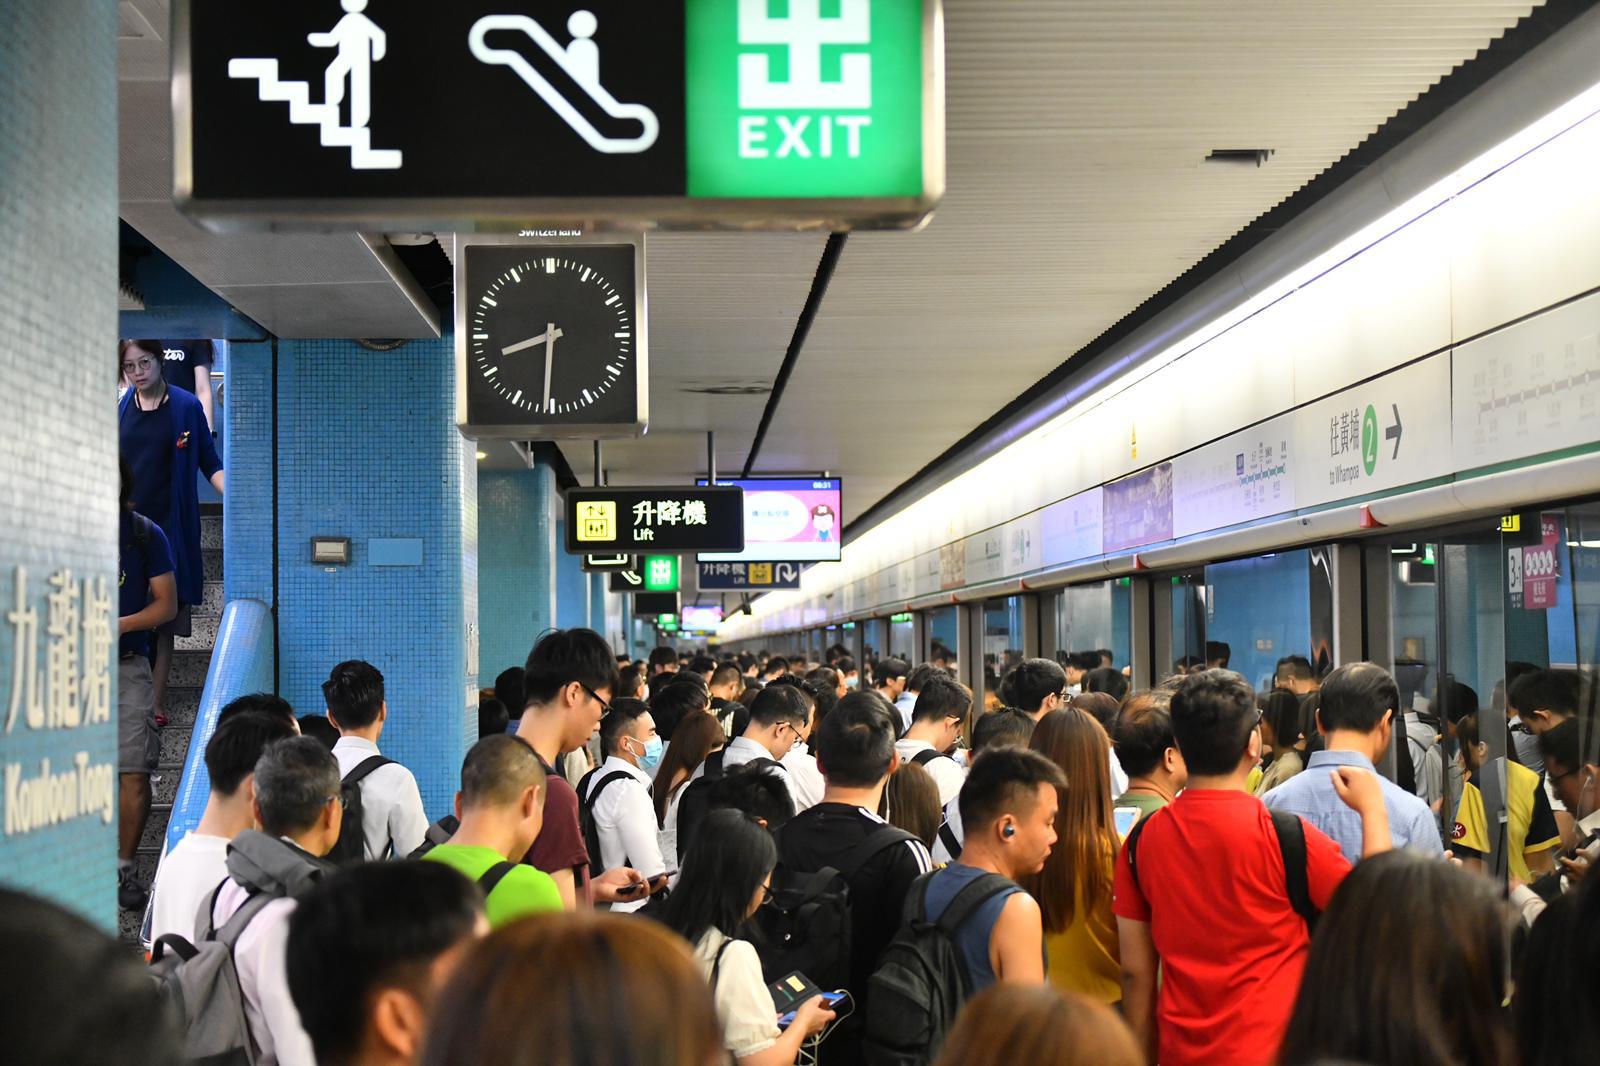 港鐵的服務備受爭議。資料圖片